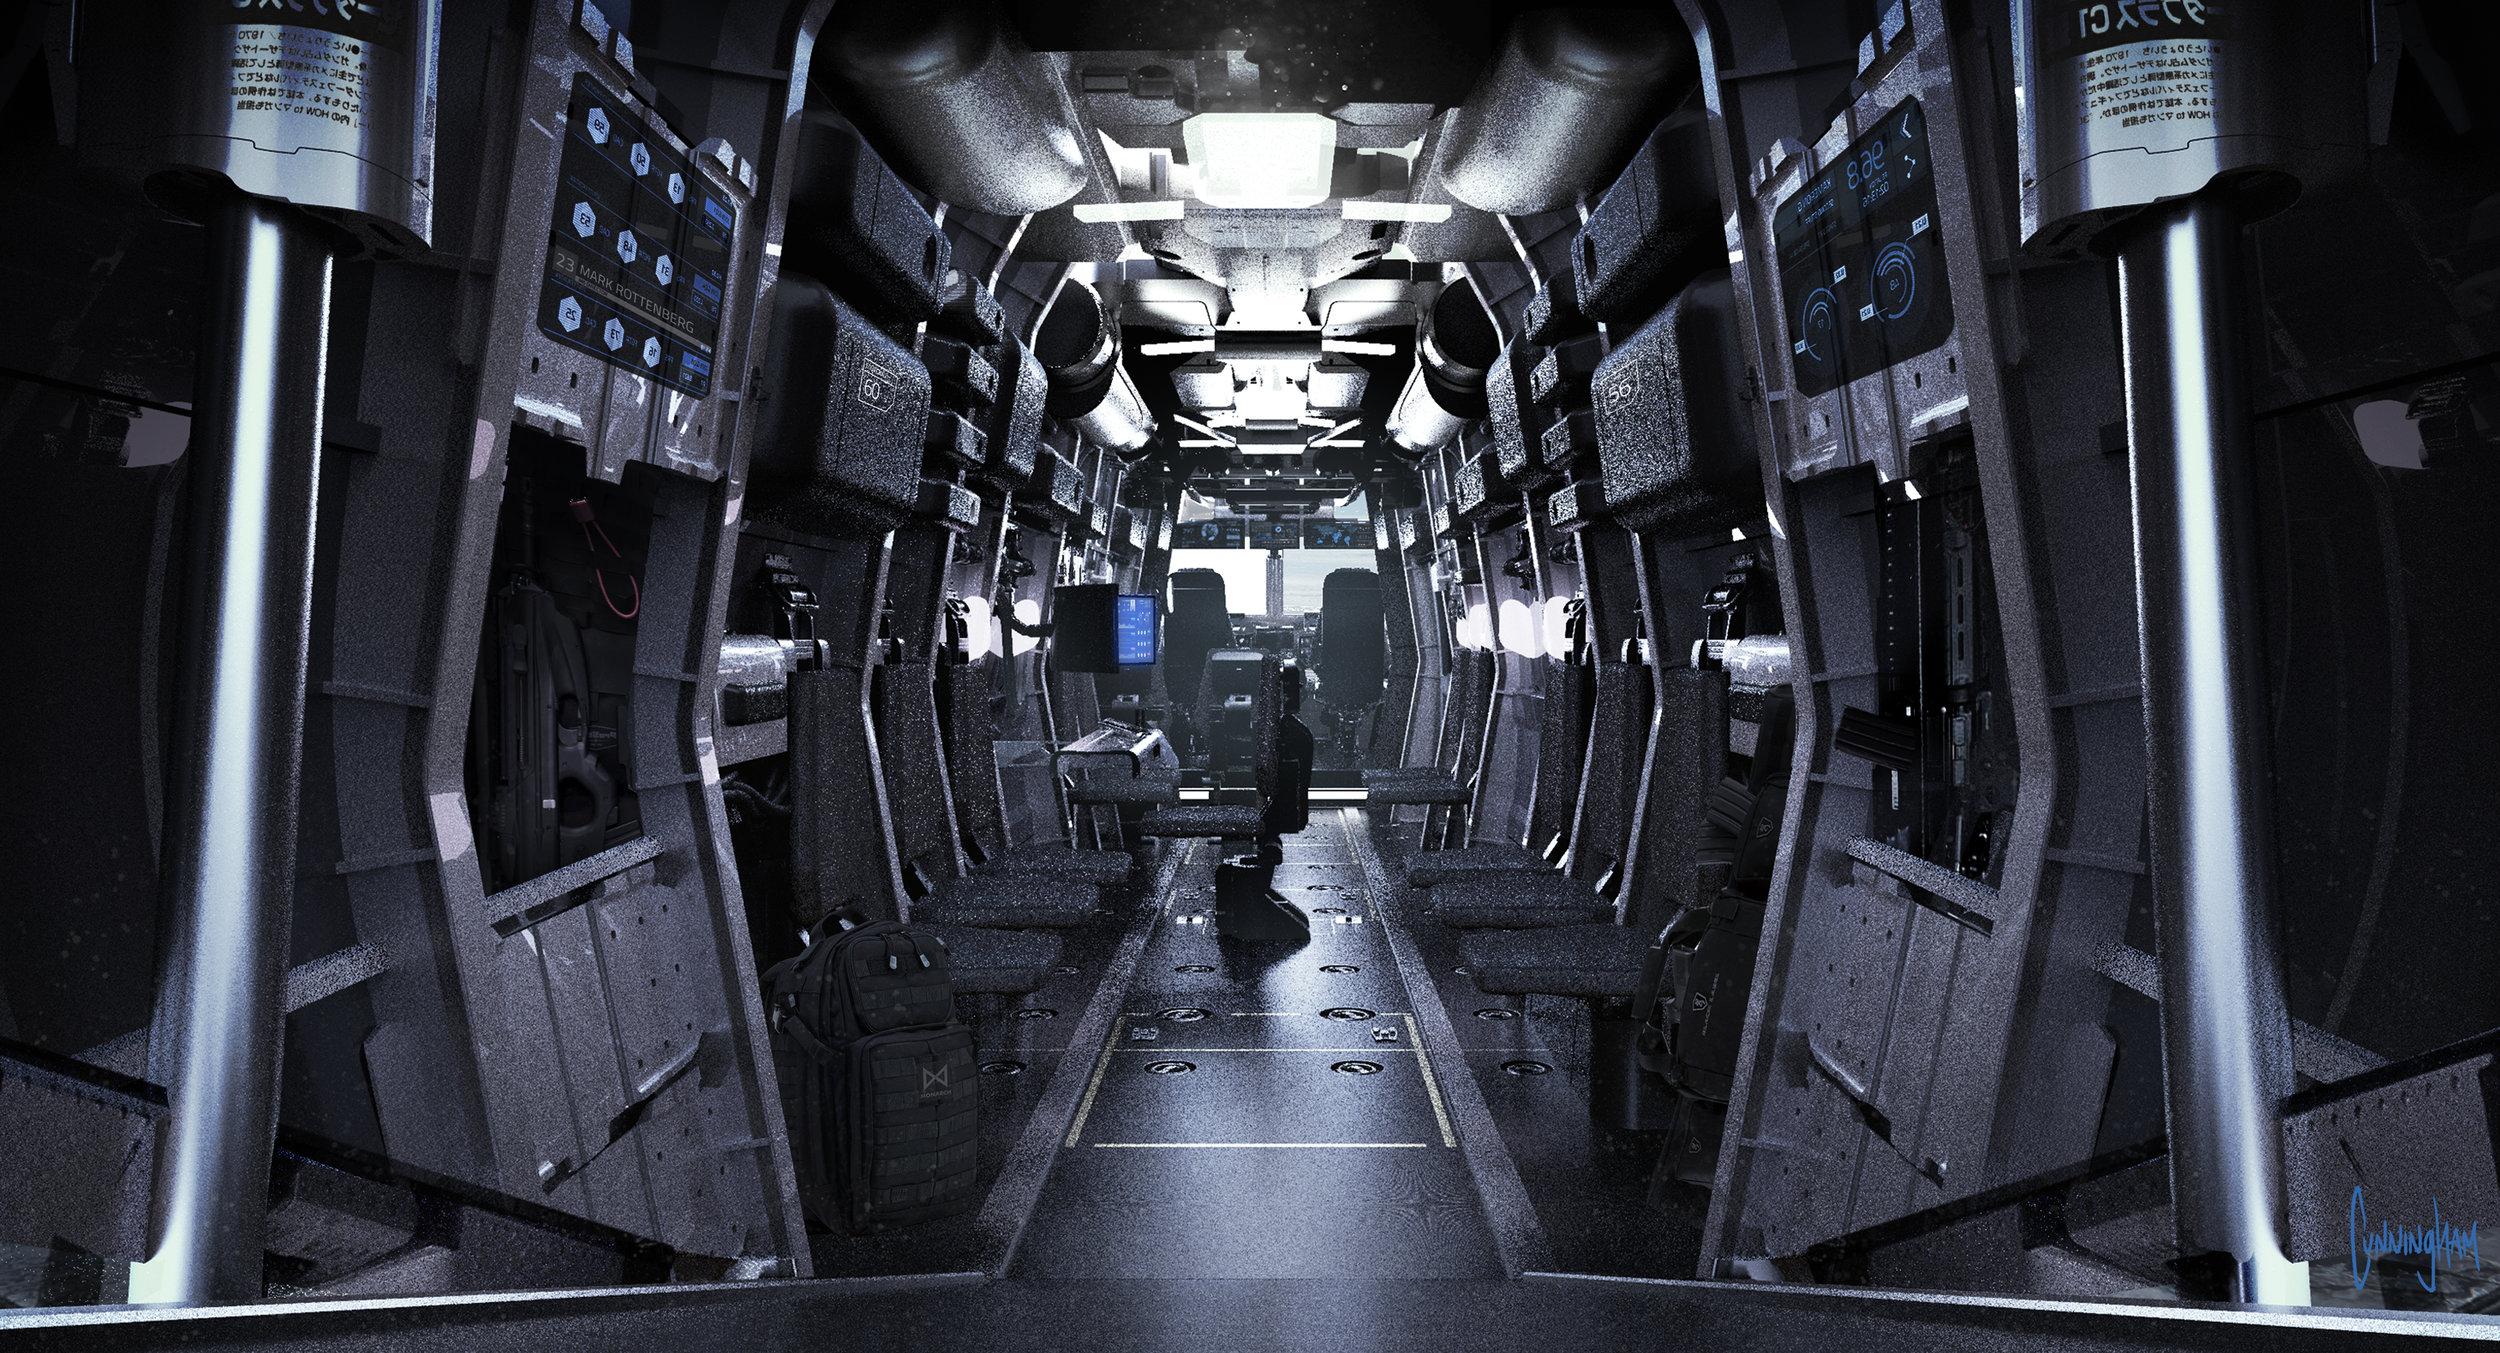 Osprey_CabinFacing_01.jpg